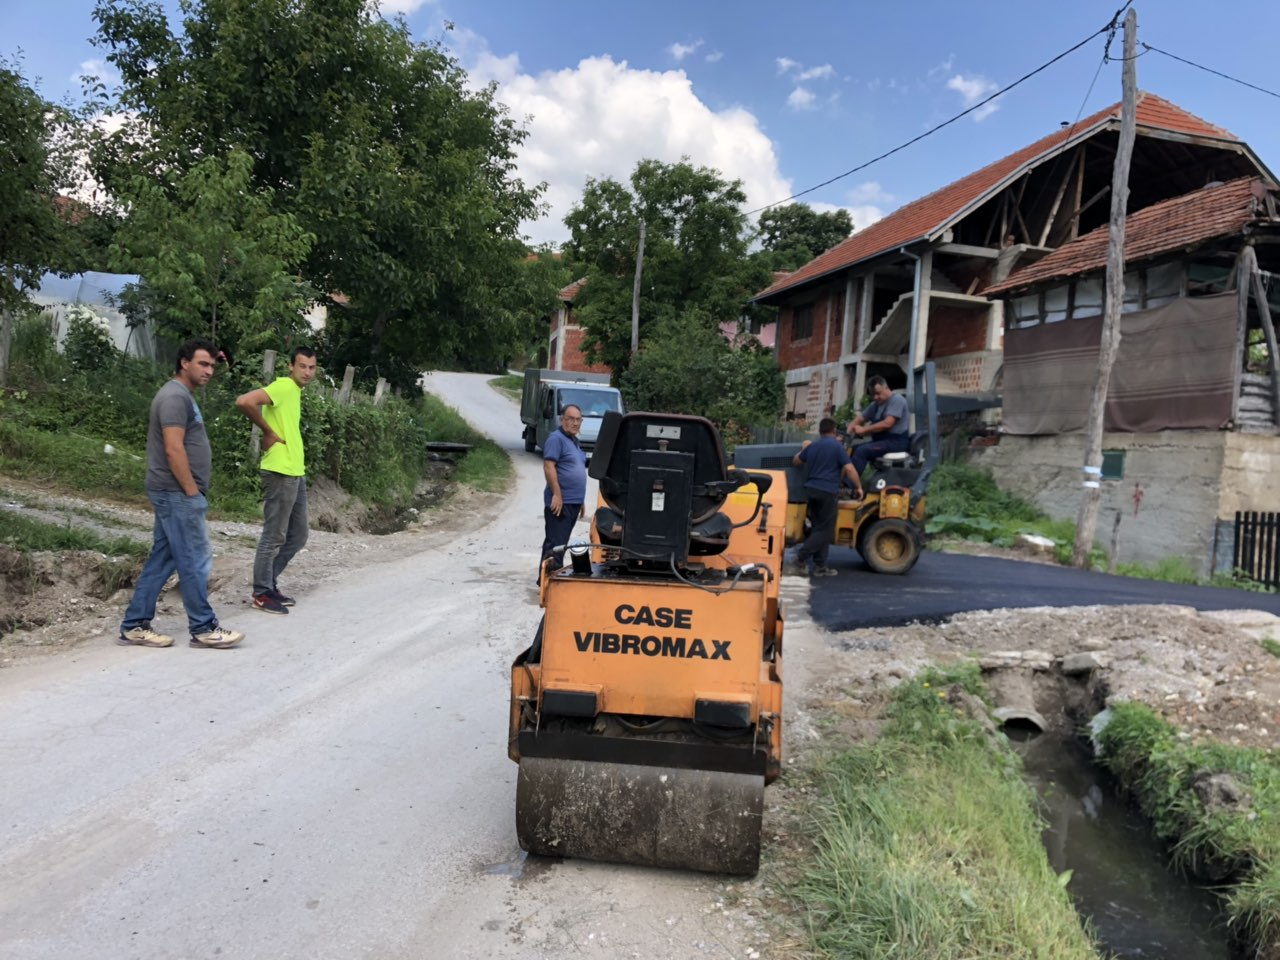 Izgradnja puta kroz Grbavče, foto: Radio Bubamara